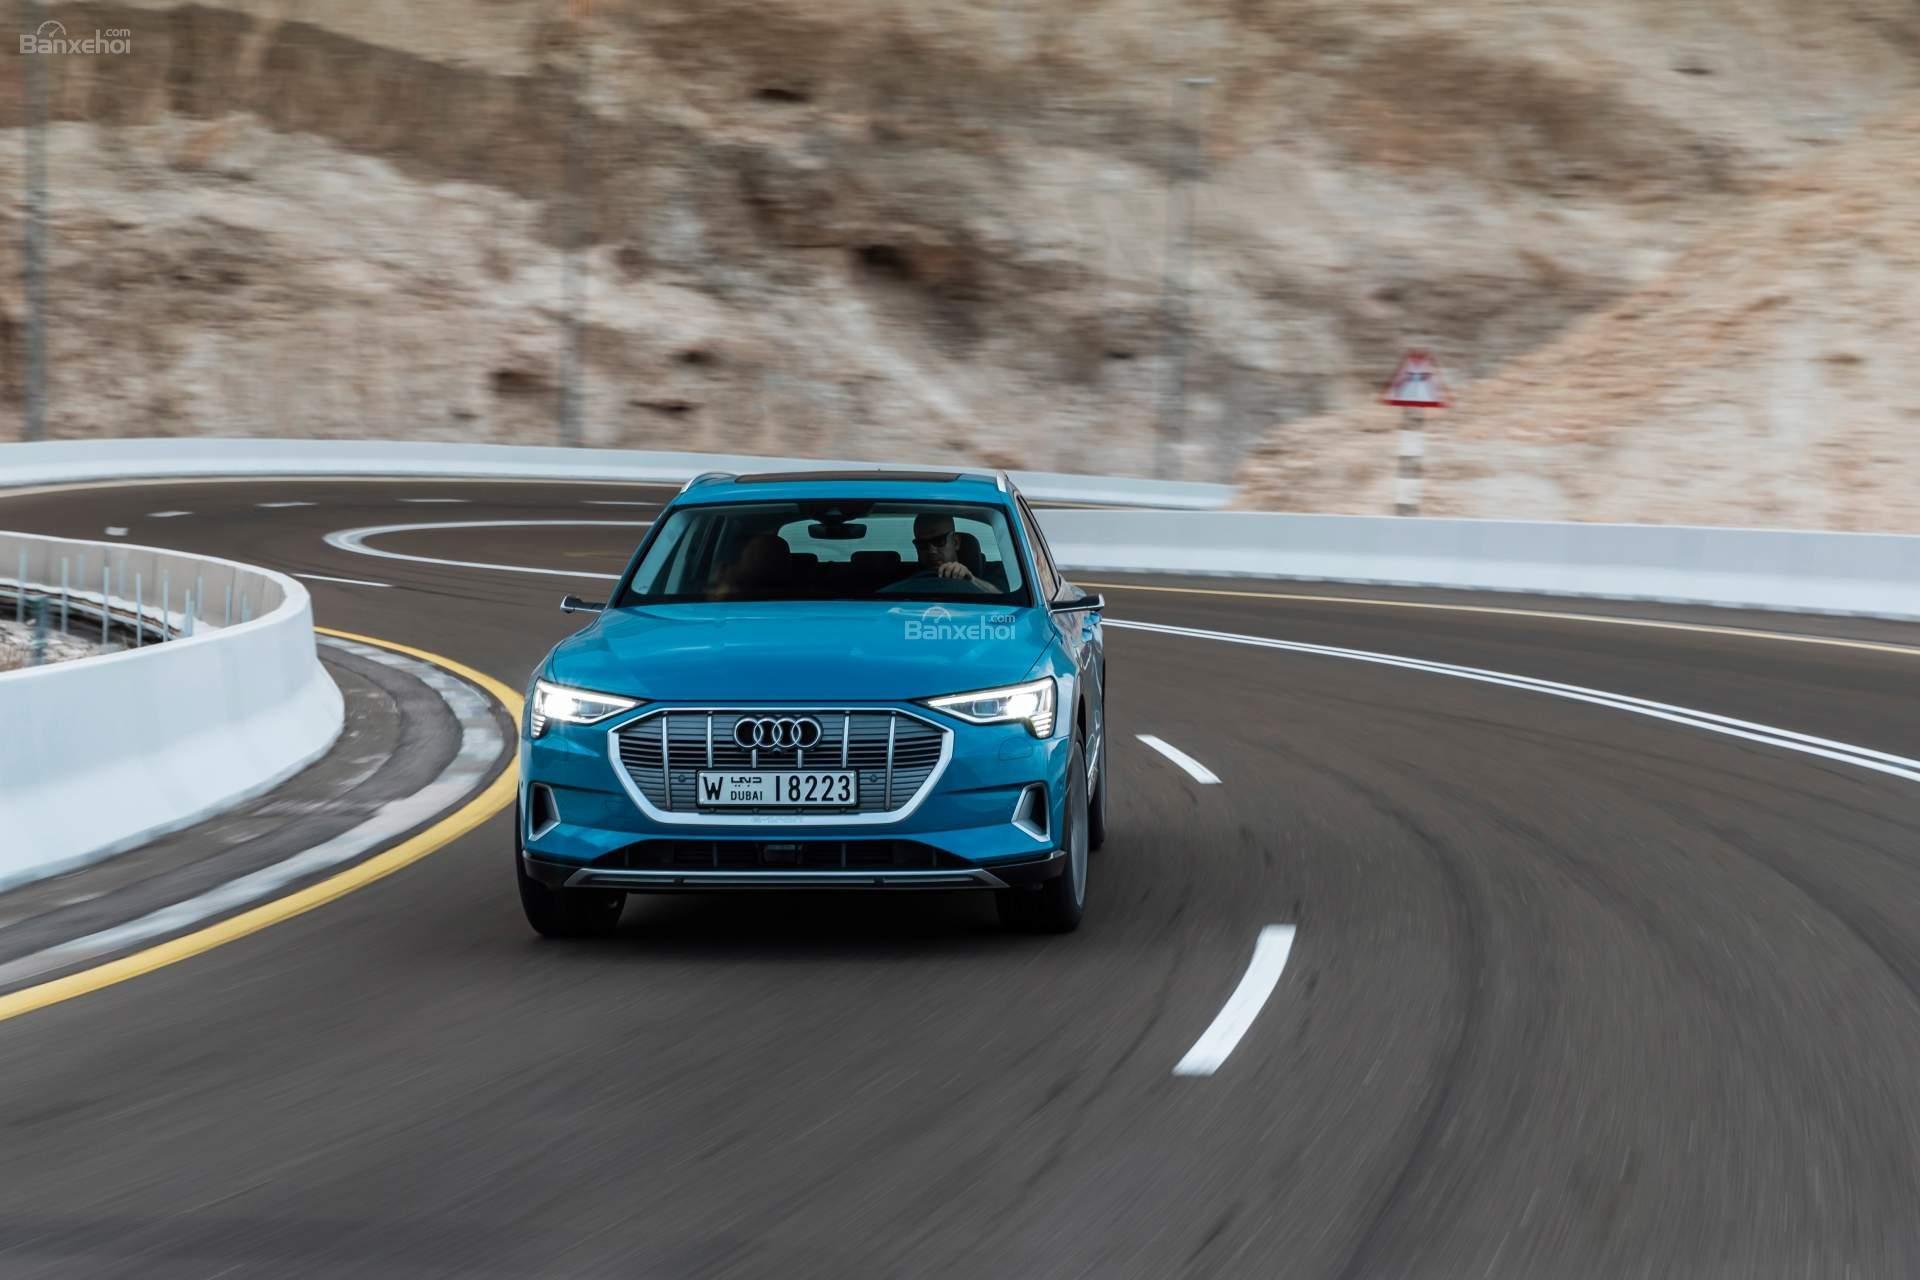 Đánh giá xe Audi E-Tron 2019 - ảnh 2